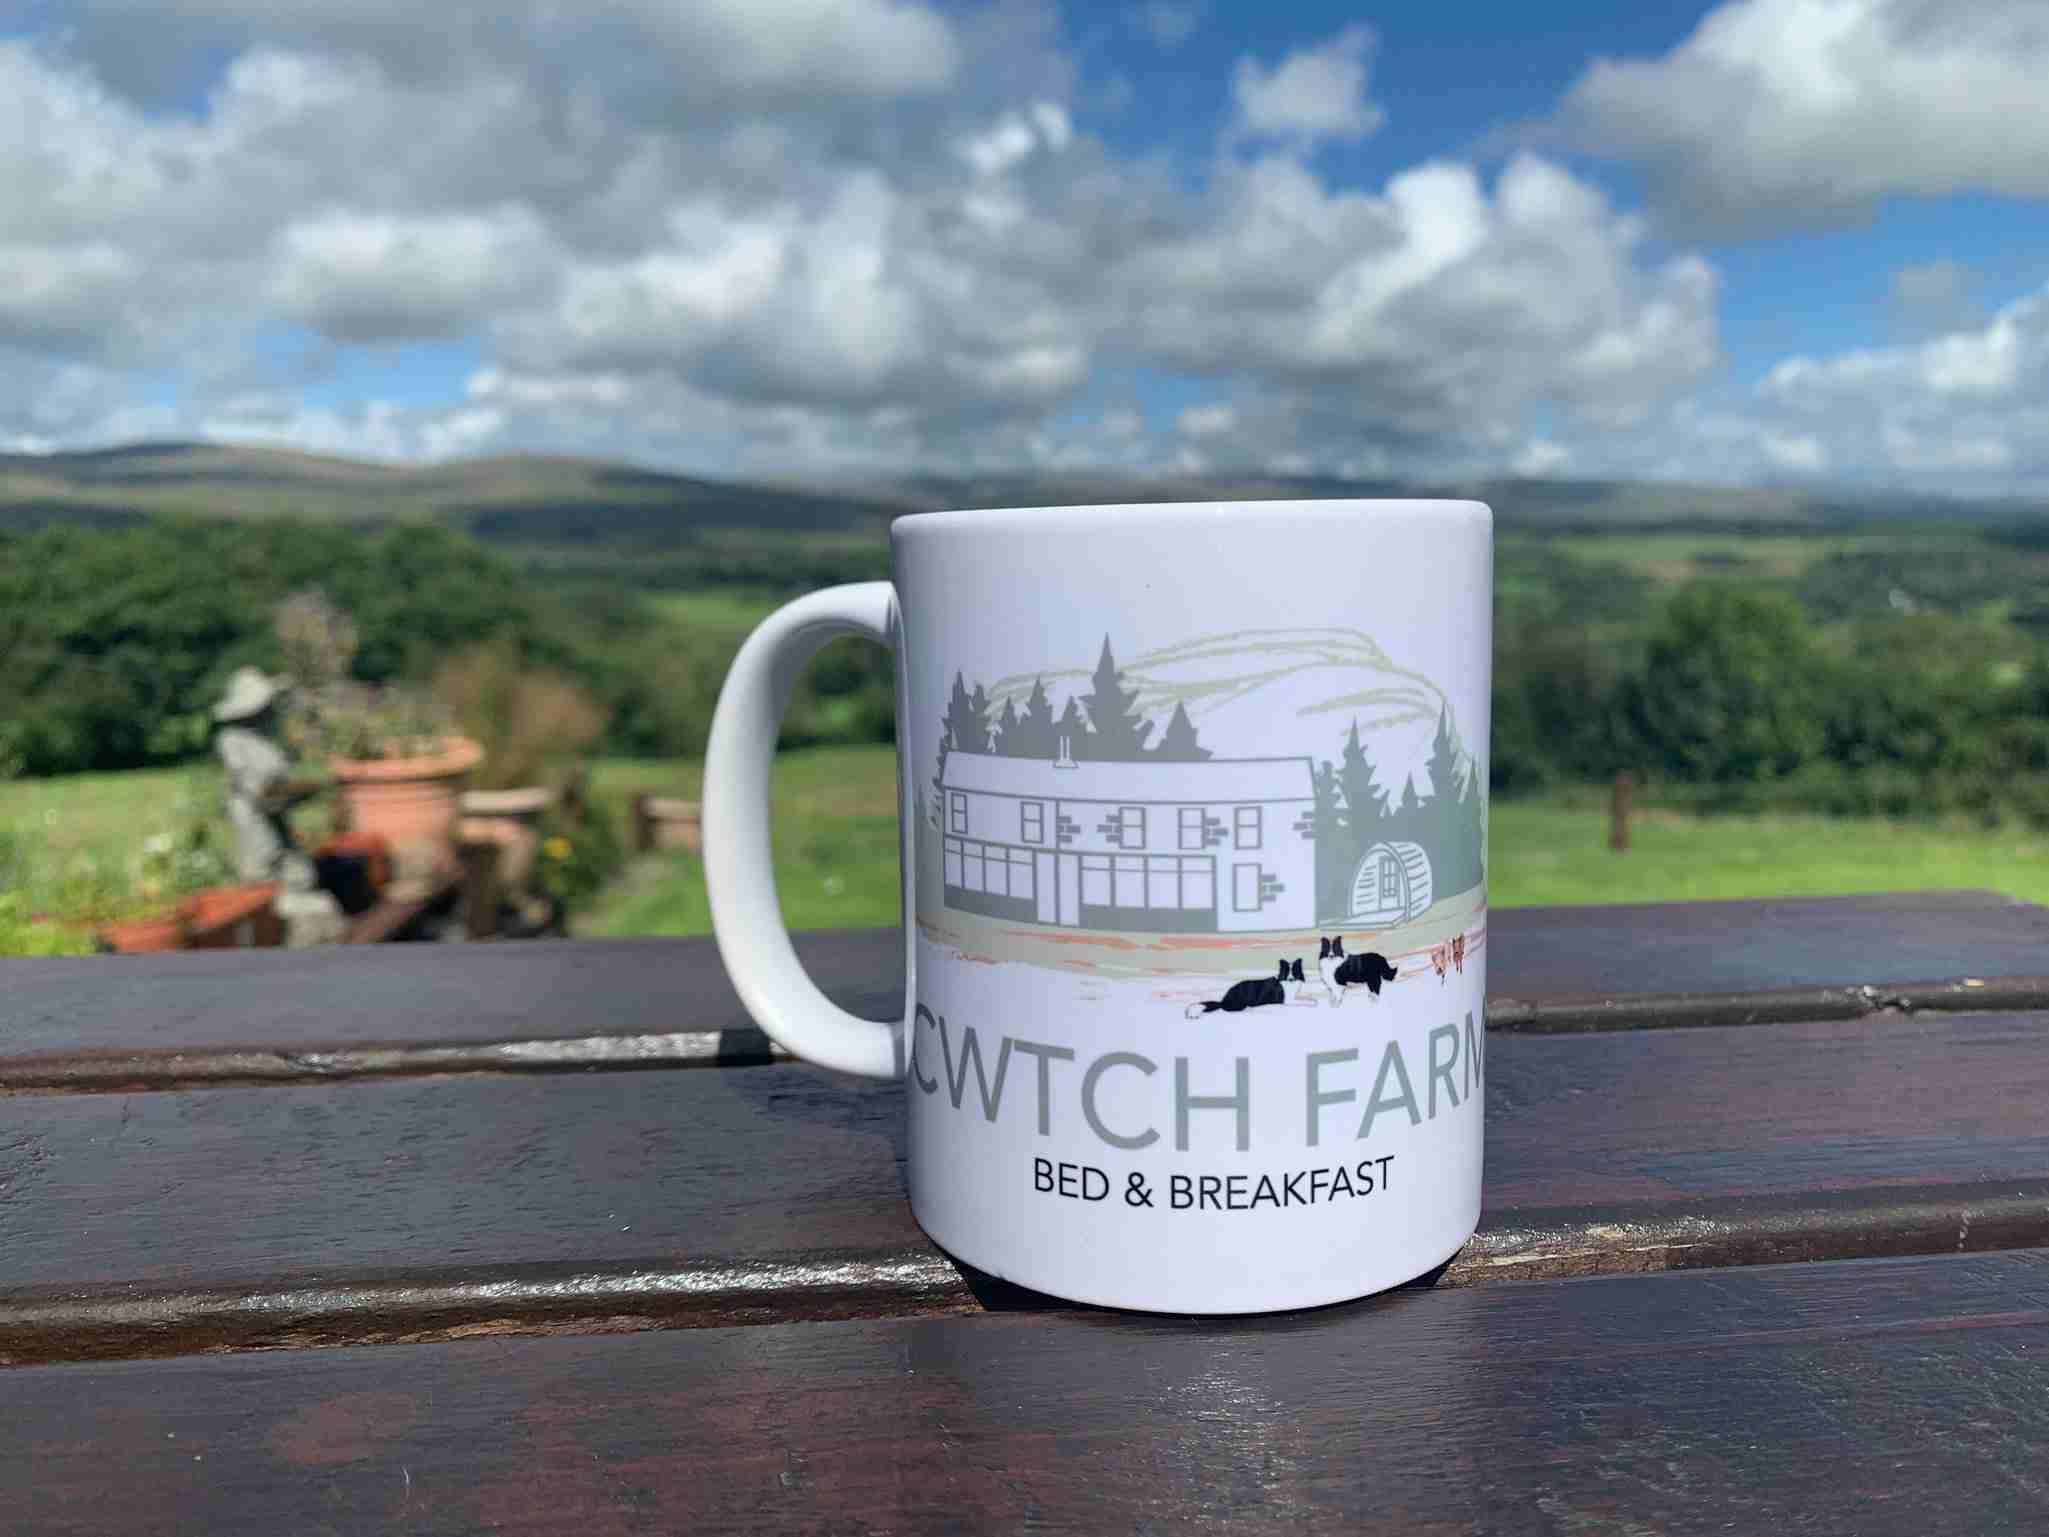 Cwtch Farm Mug Logo